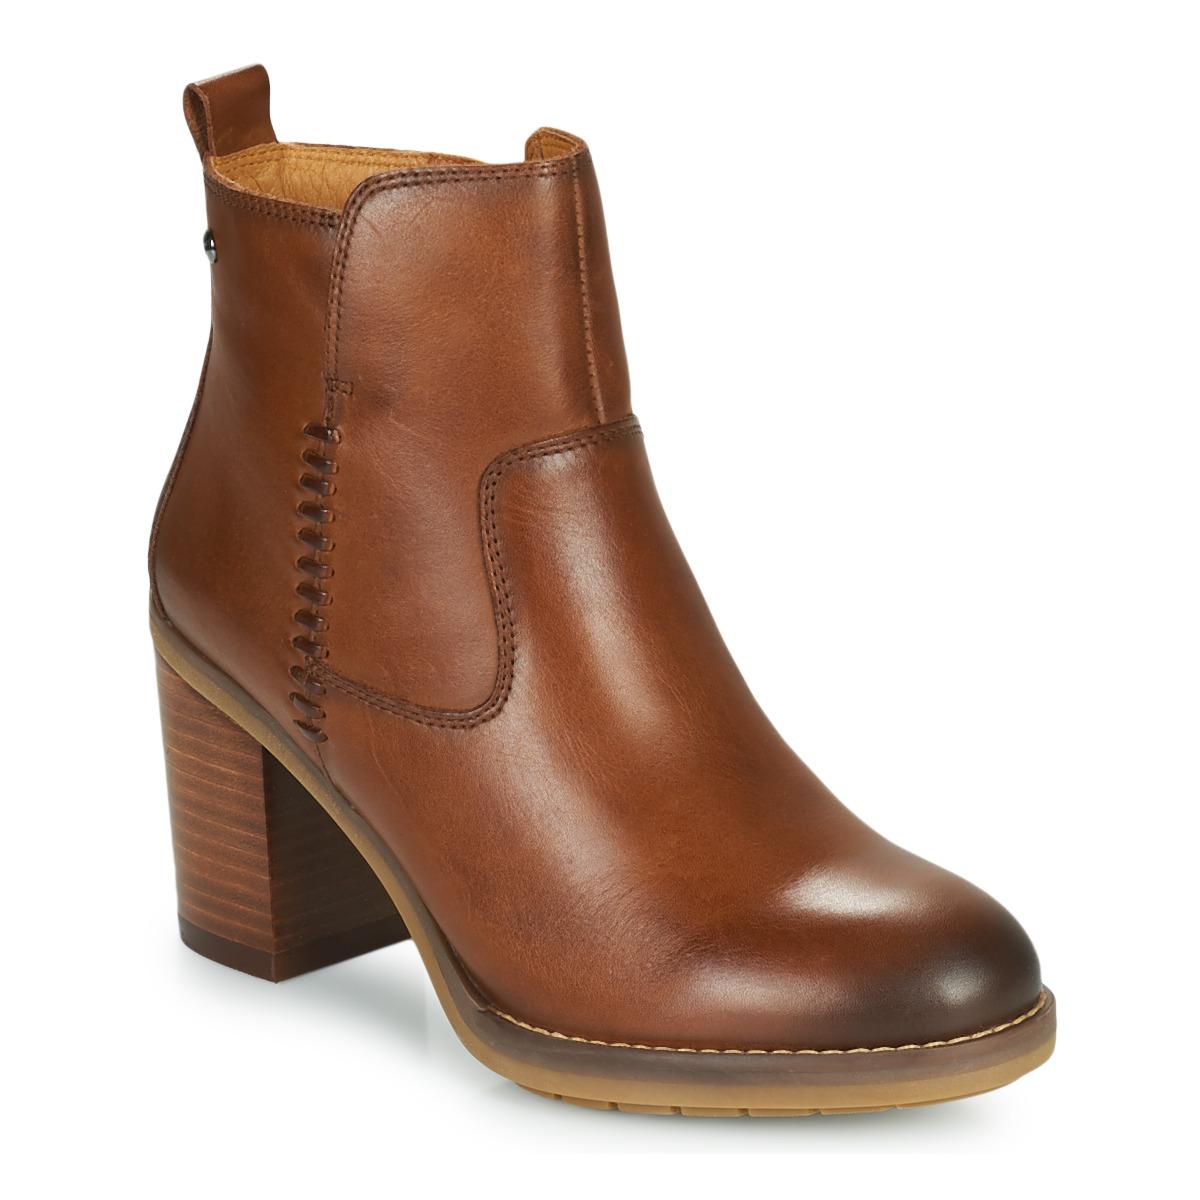 Pikolinos POMPEYA W9T Camel - Kostenloser Versand bei Spartoode ! - Schuhe Low Boots Damen 119,00 €